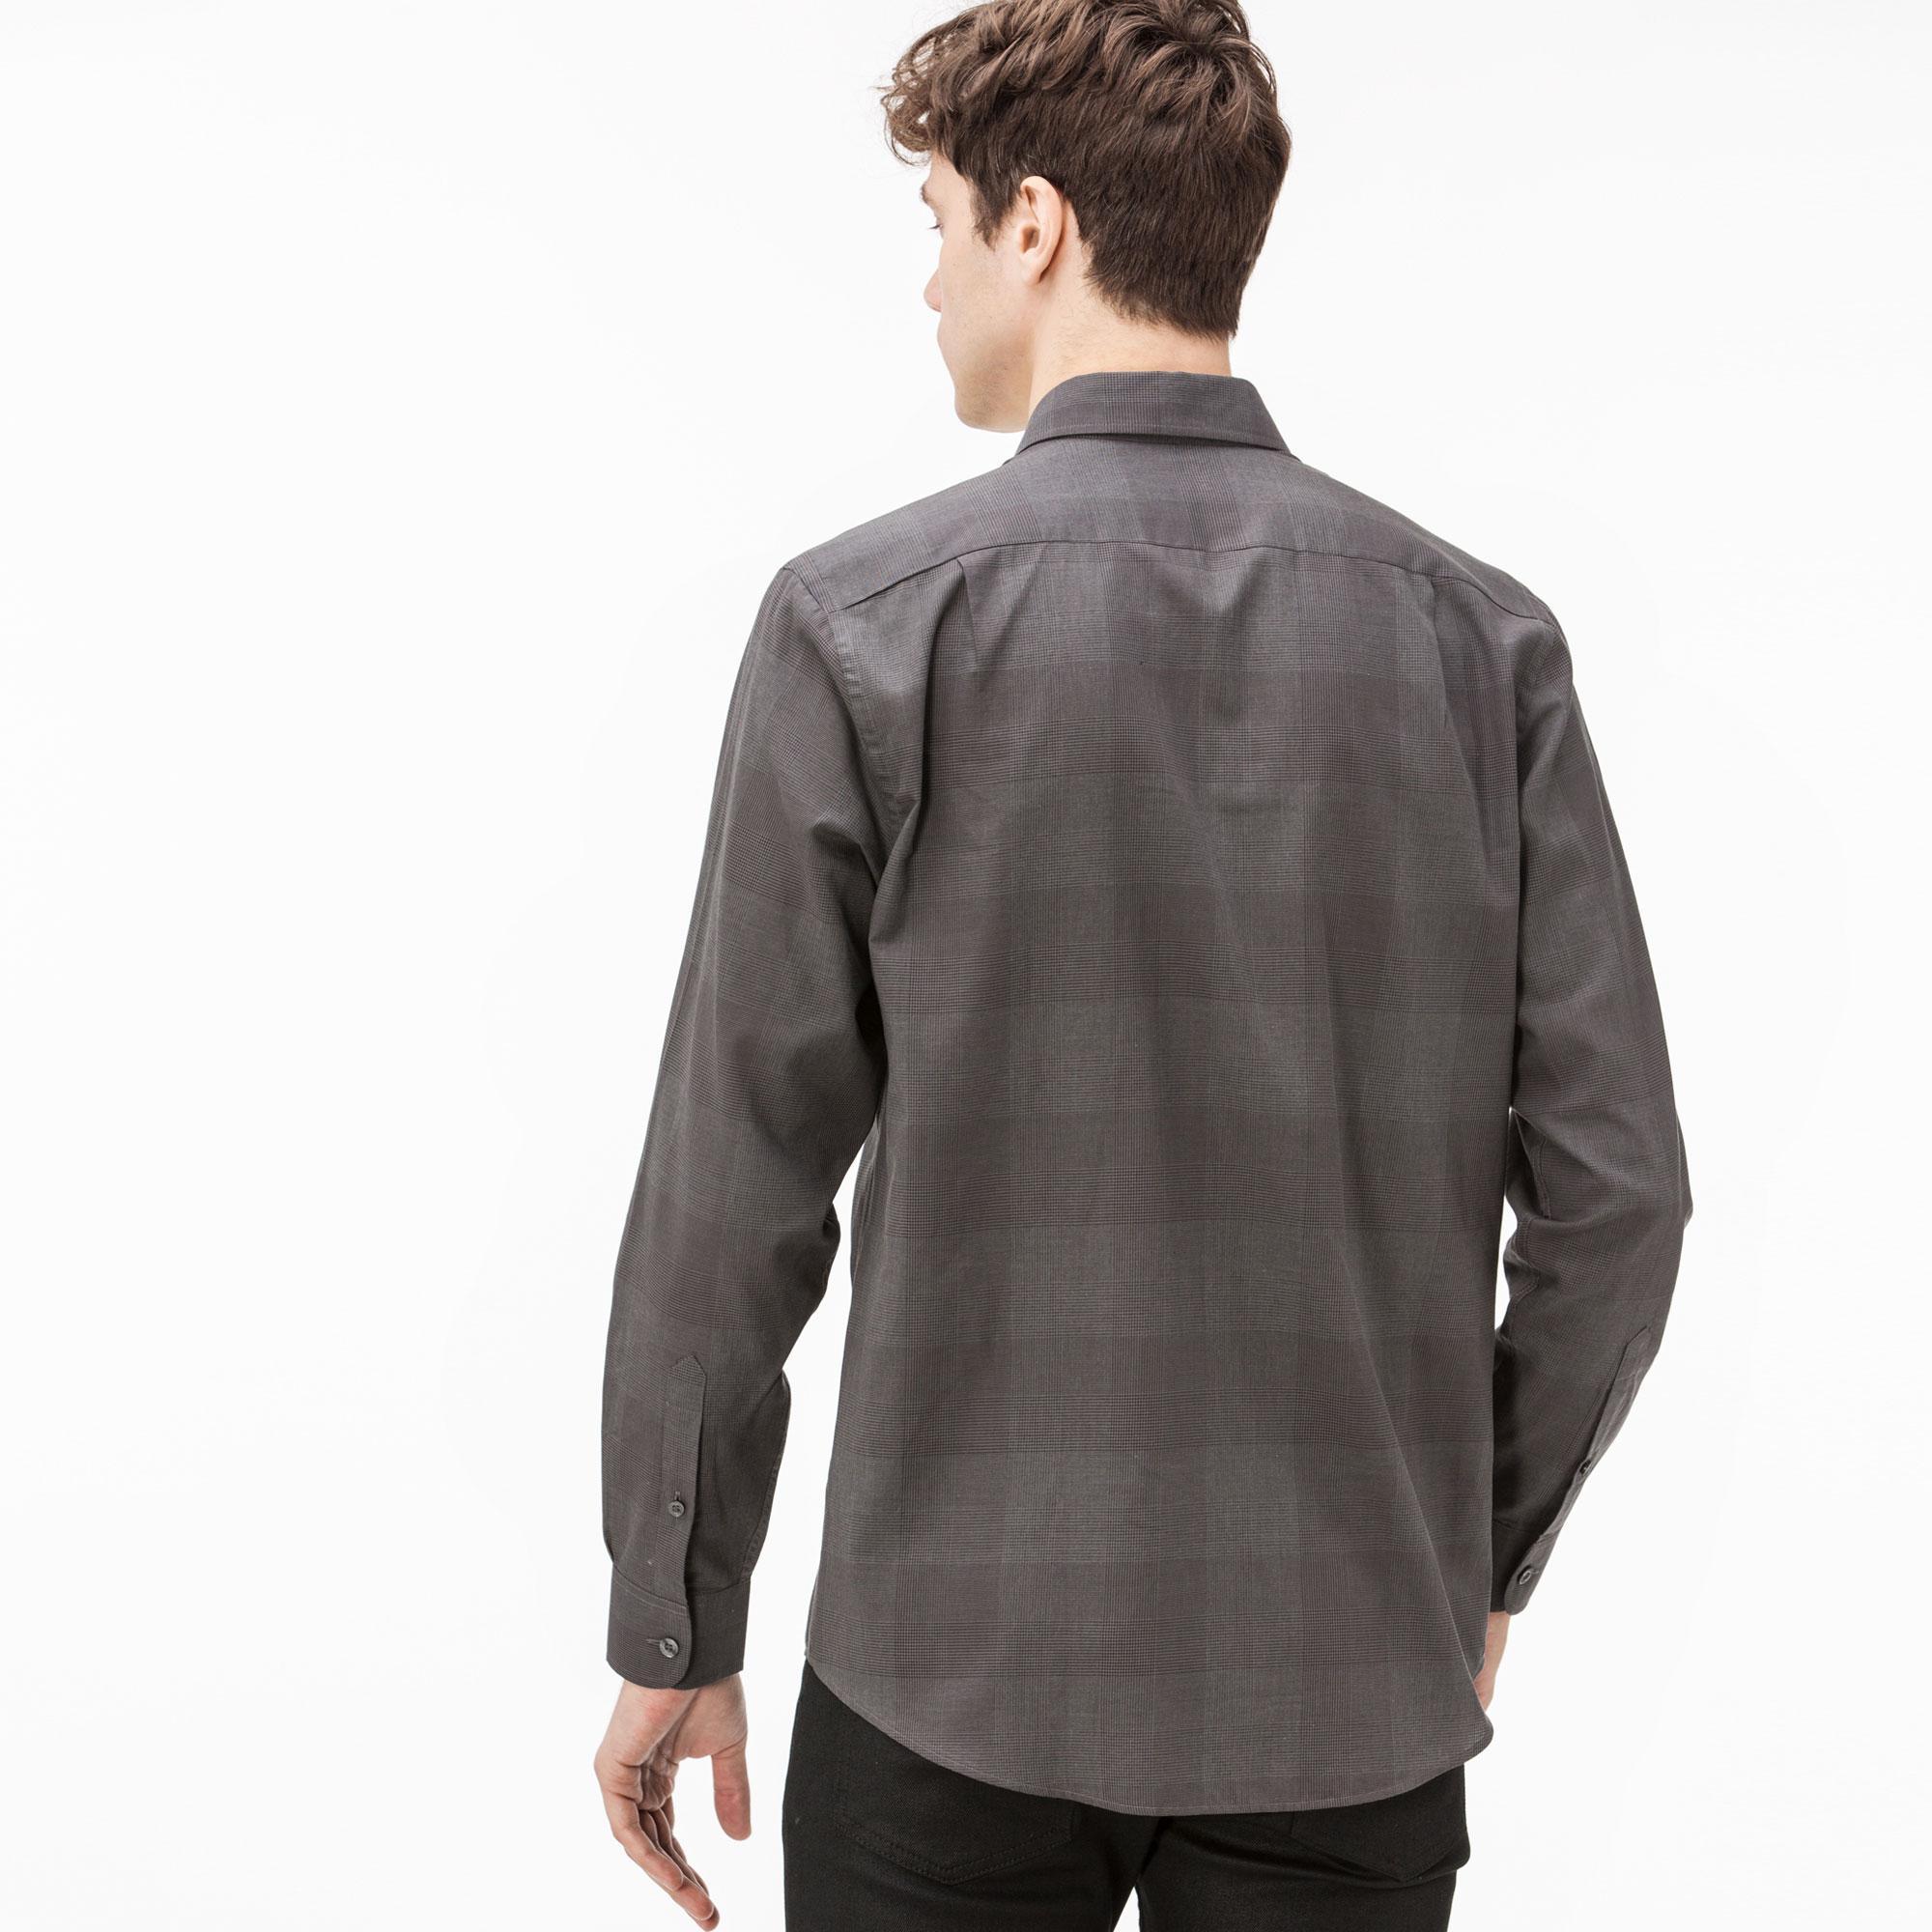 Фото 4 - Мужскую рубашку Lacoste серого цвета